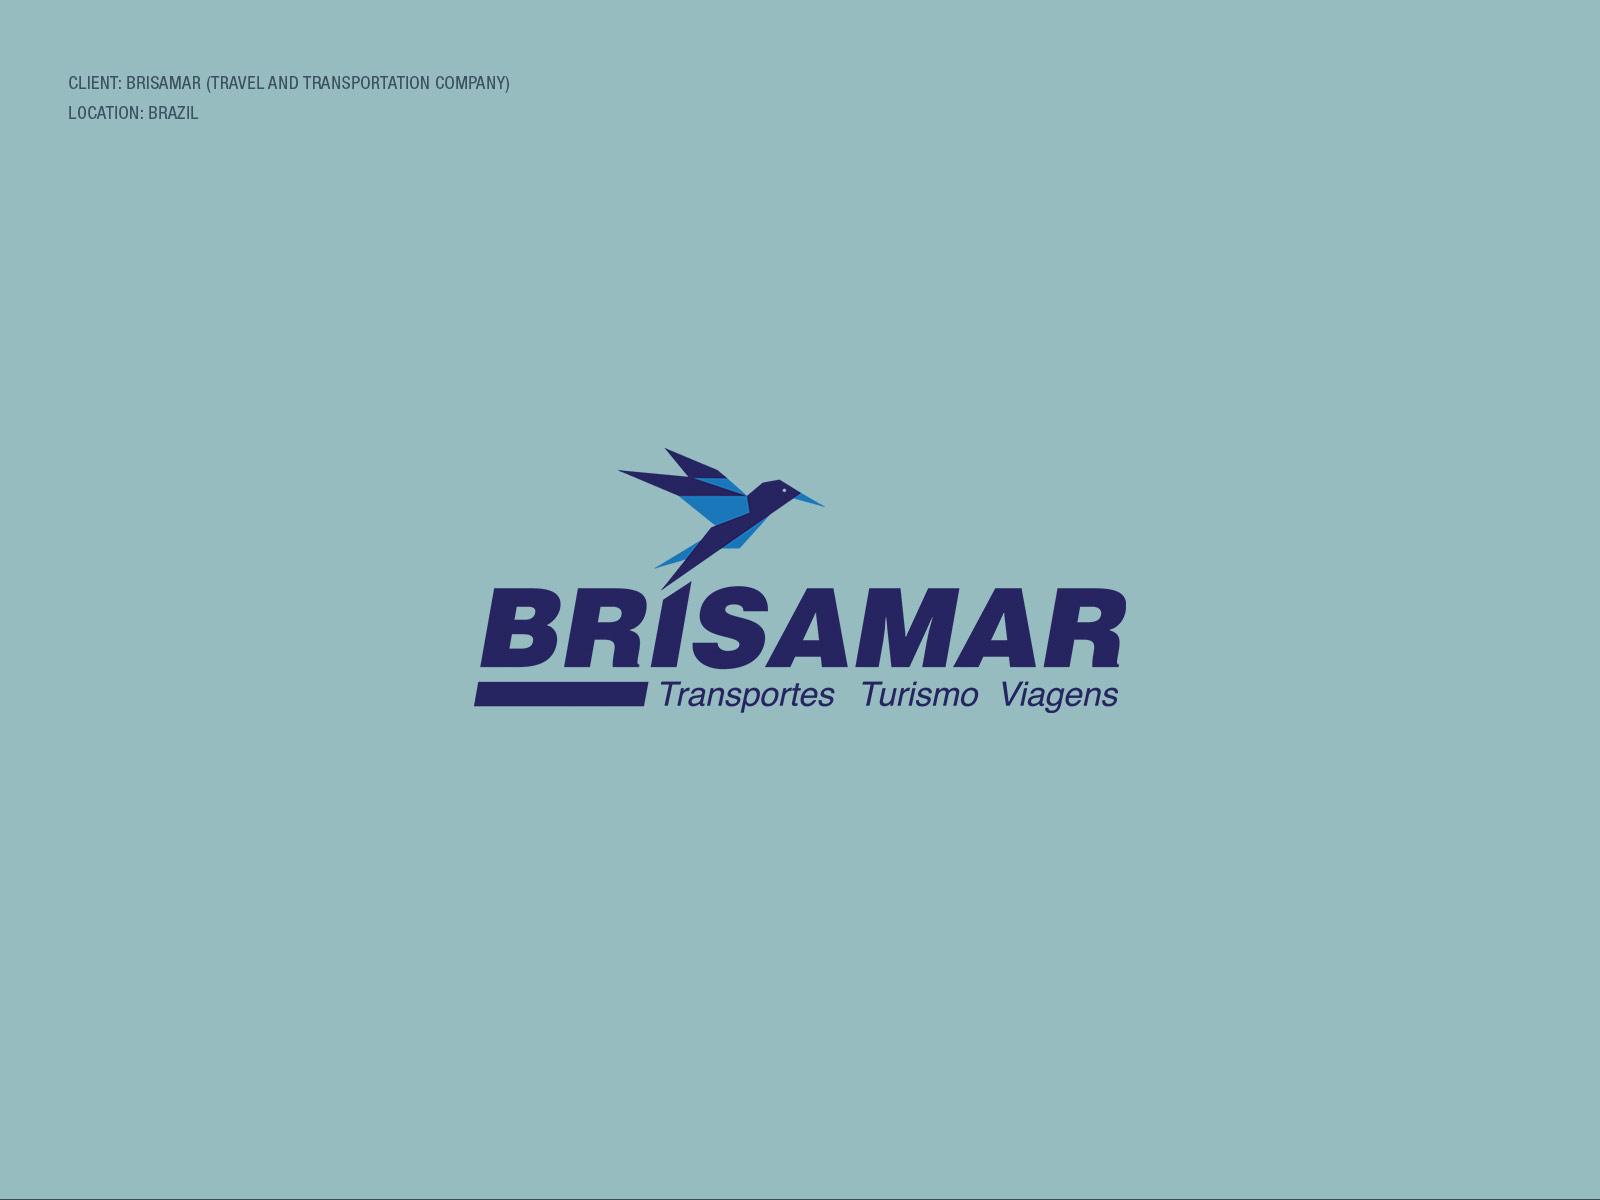 logodesign-brisamar